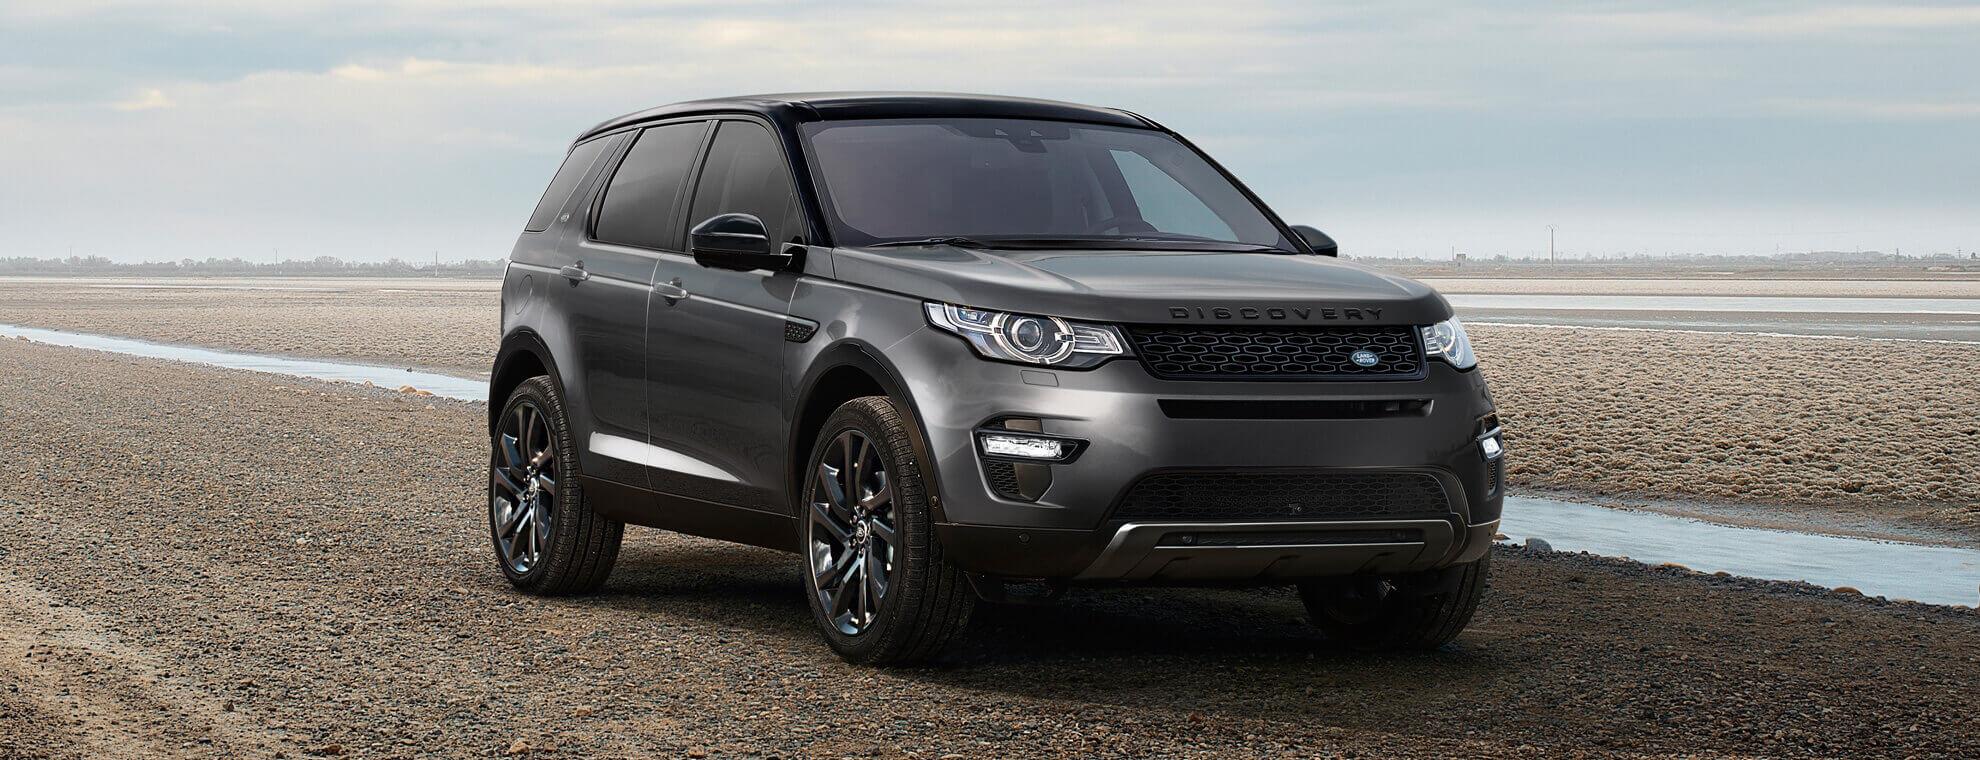 Forton Car Sales Garstang